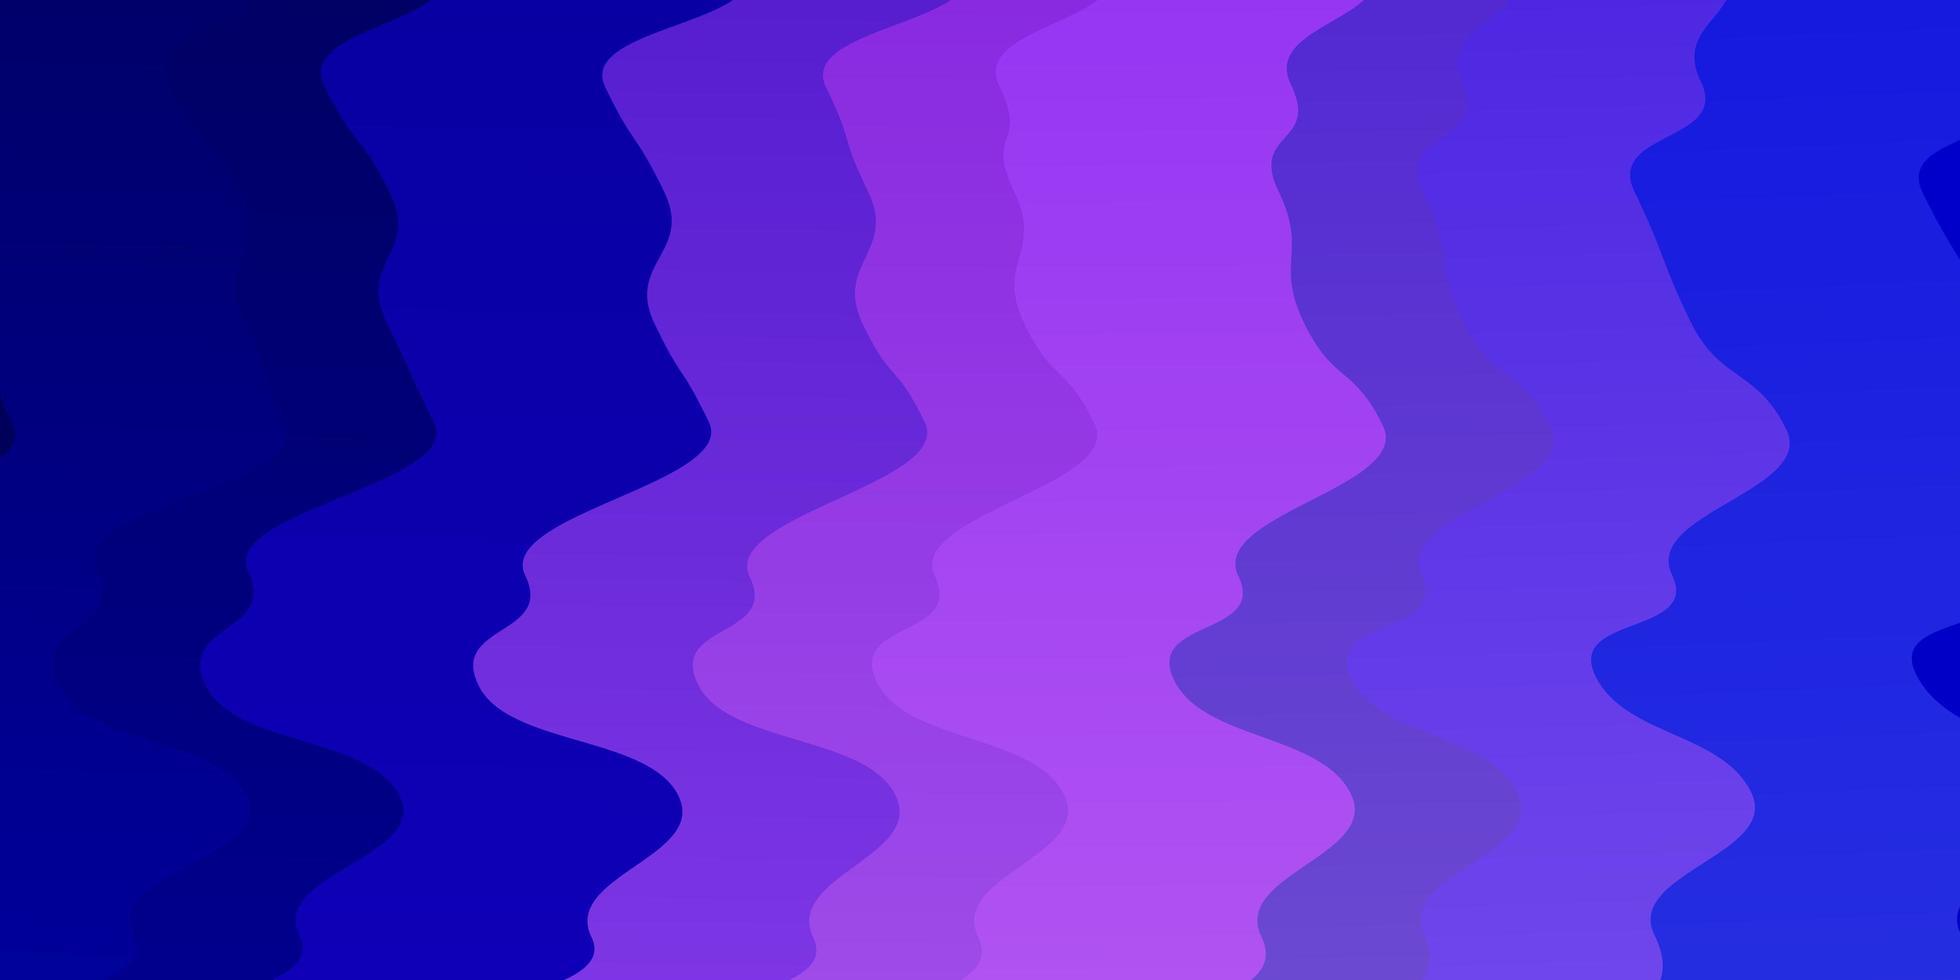 sfondo rosa e blu con curve vettore